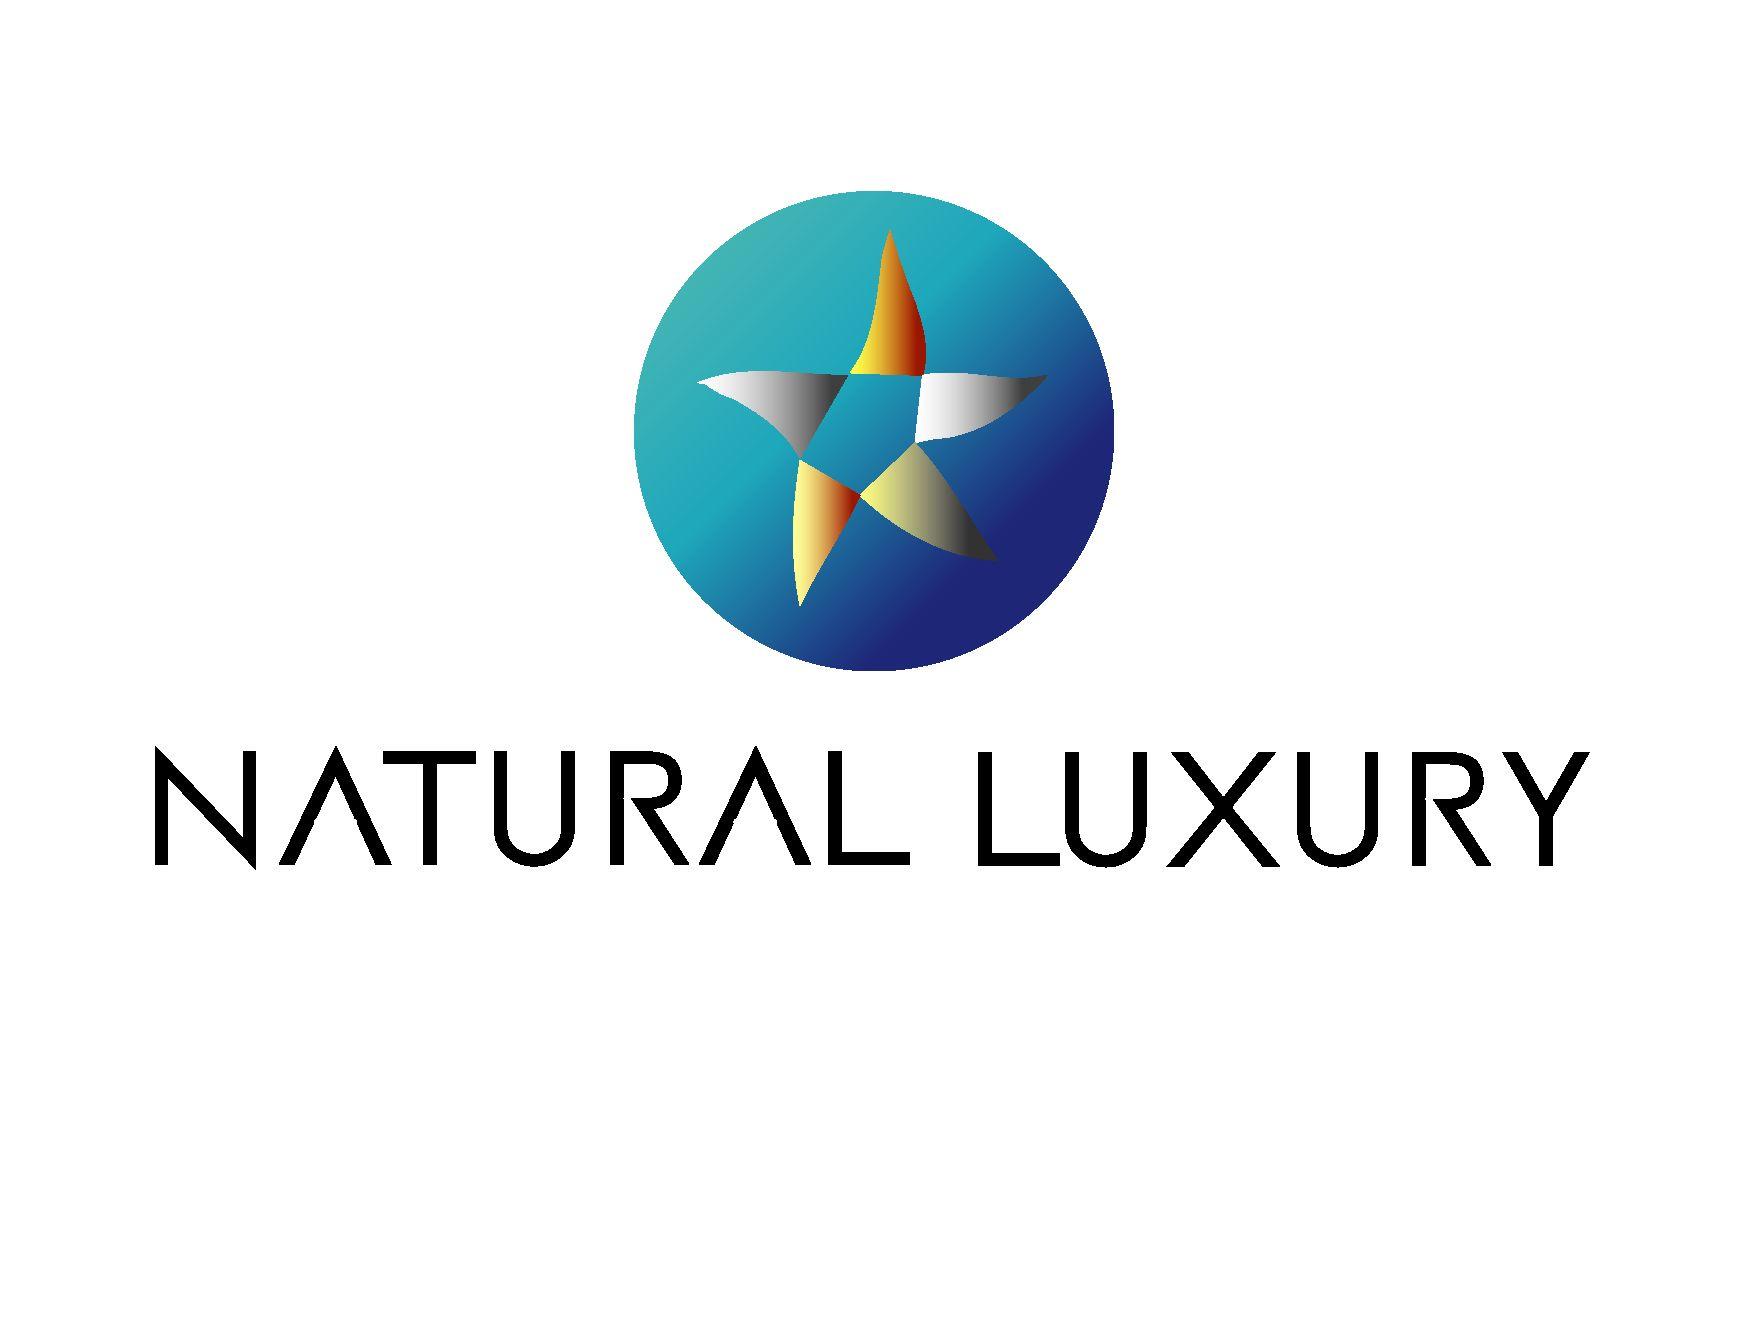 Imagen de empresa comercializadora de productos naturales de lujo.